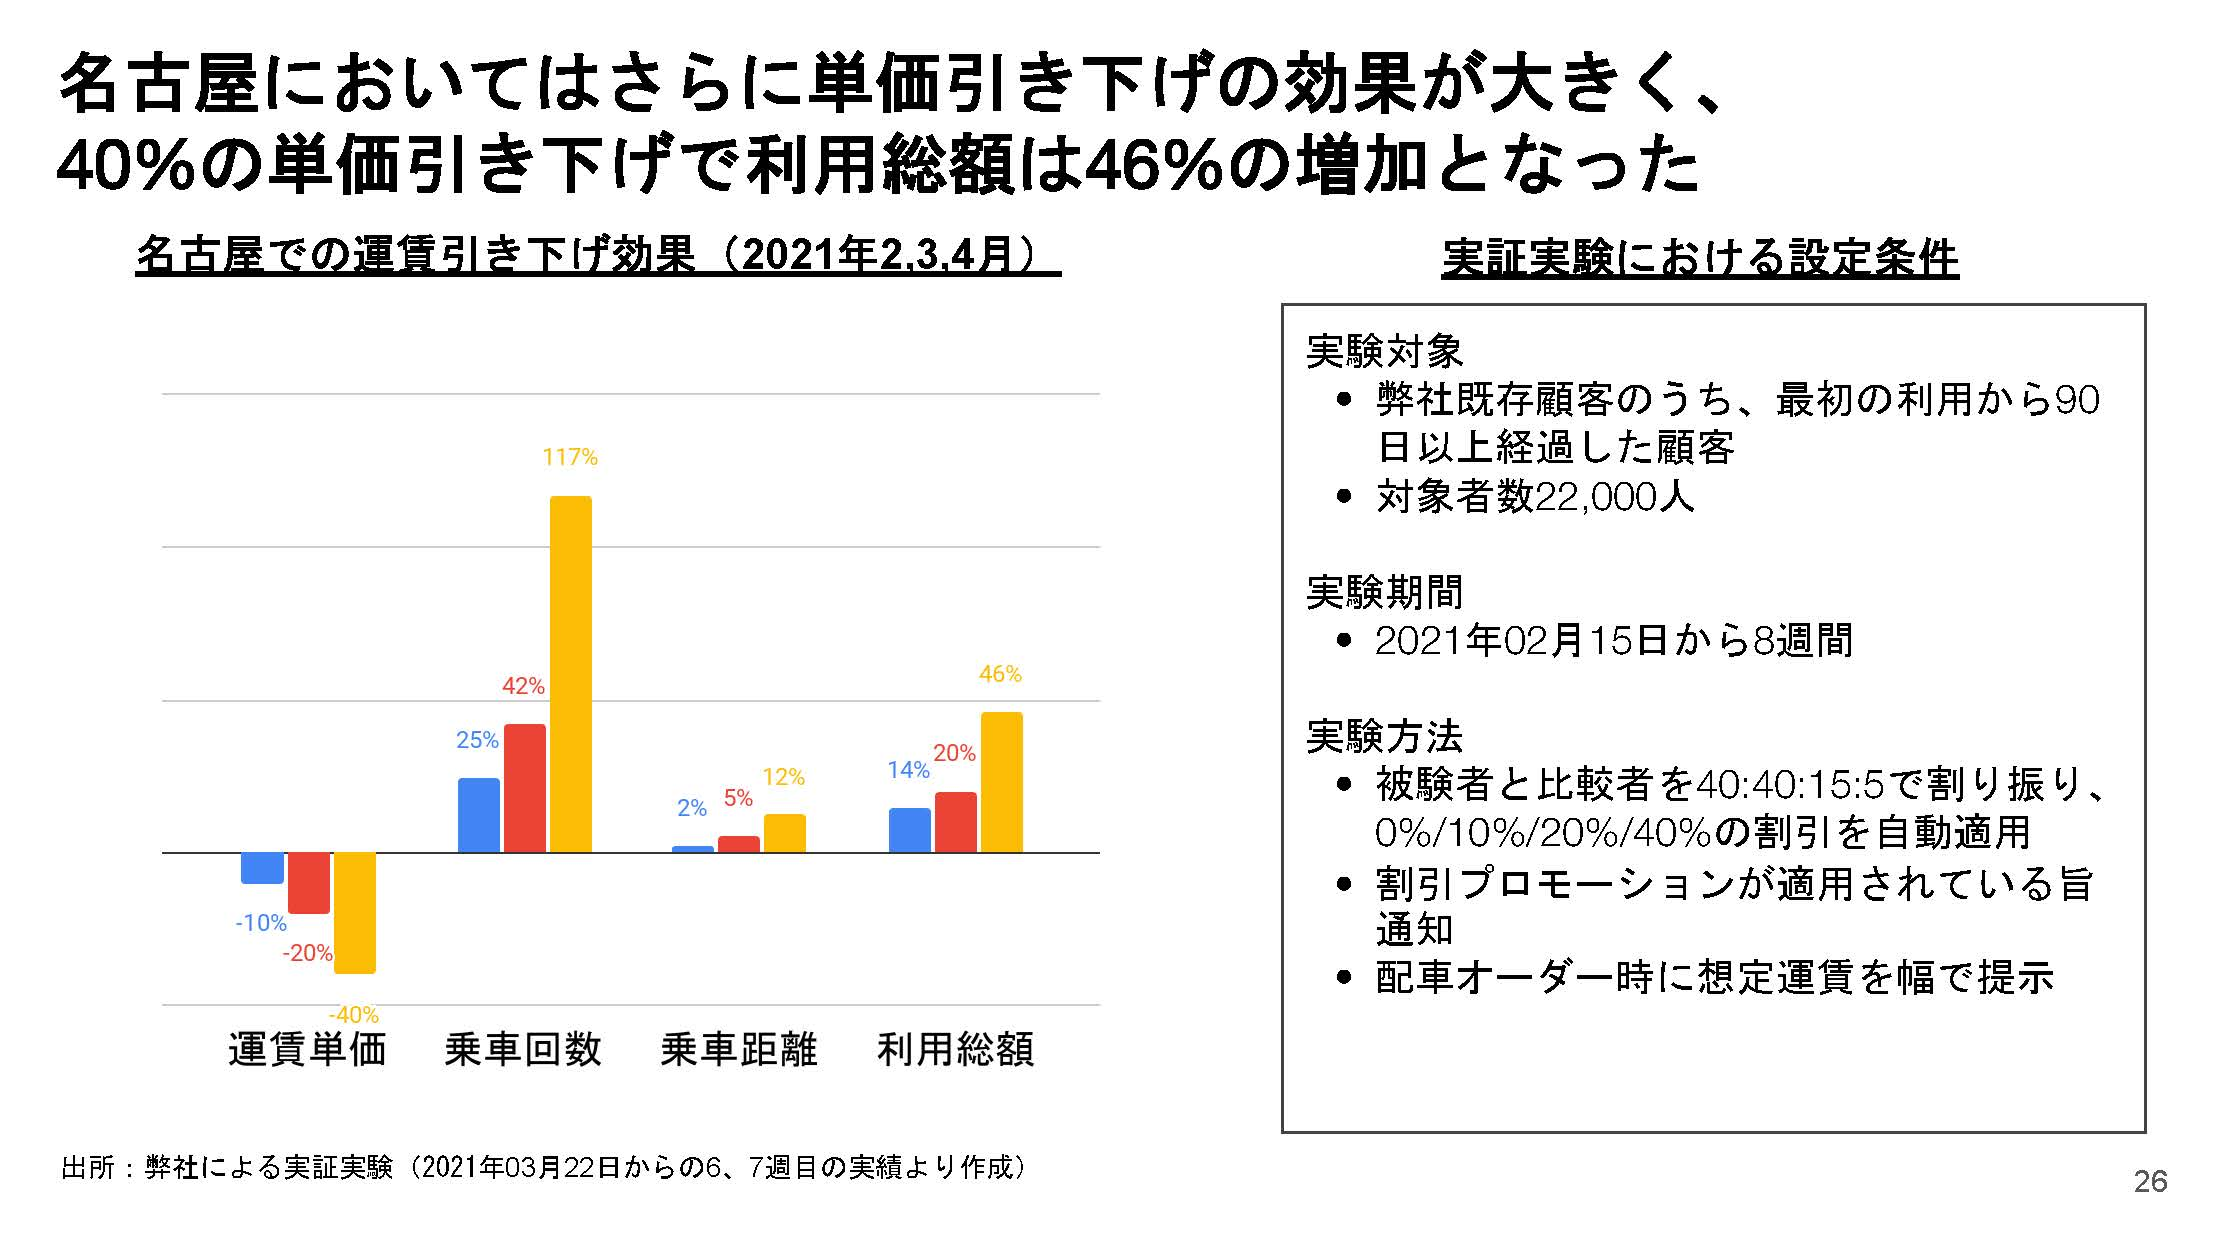 名古屋におけるダイナミックプライシングの実験